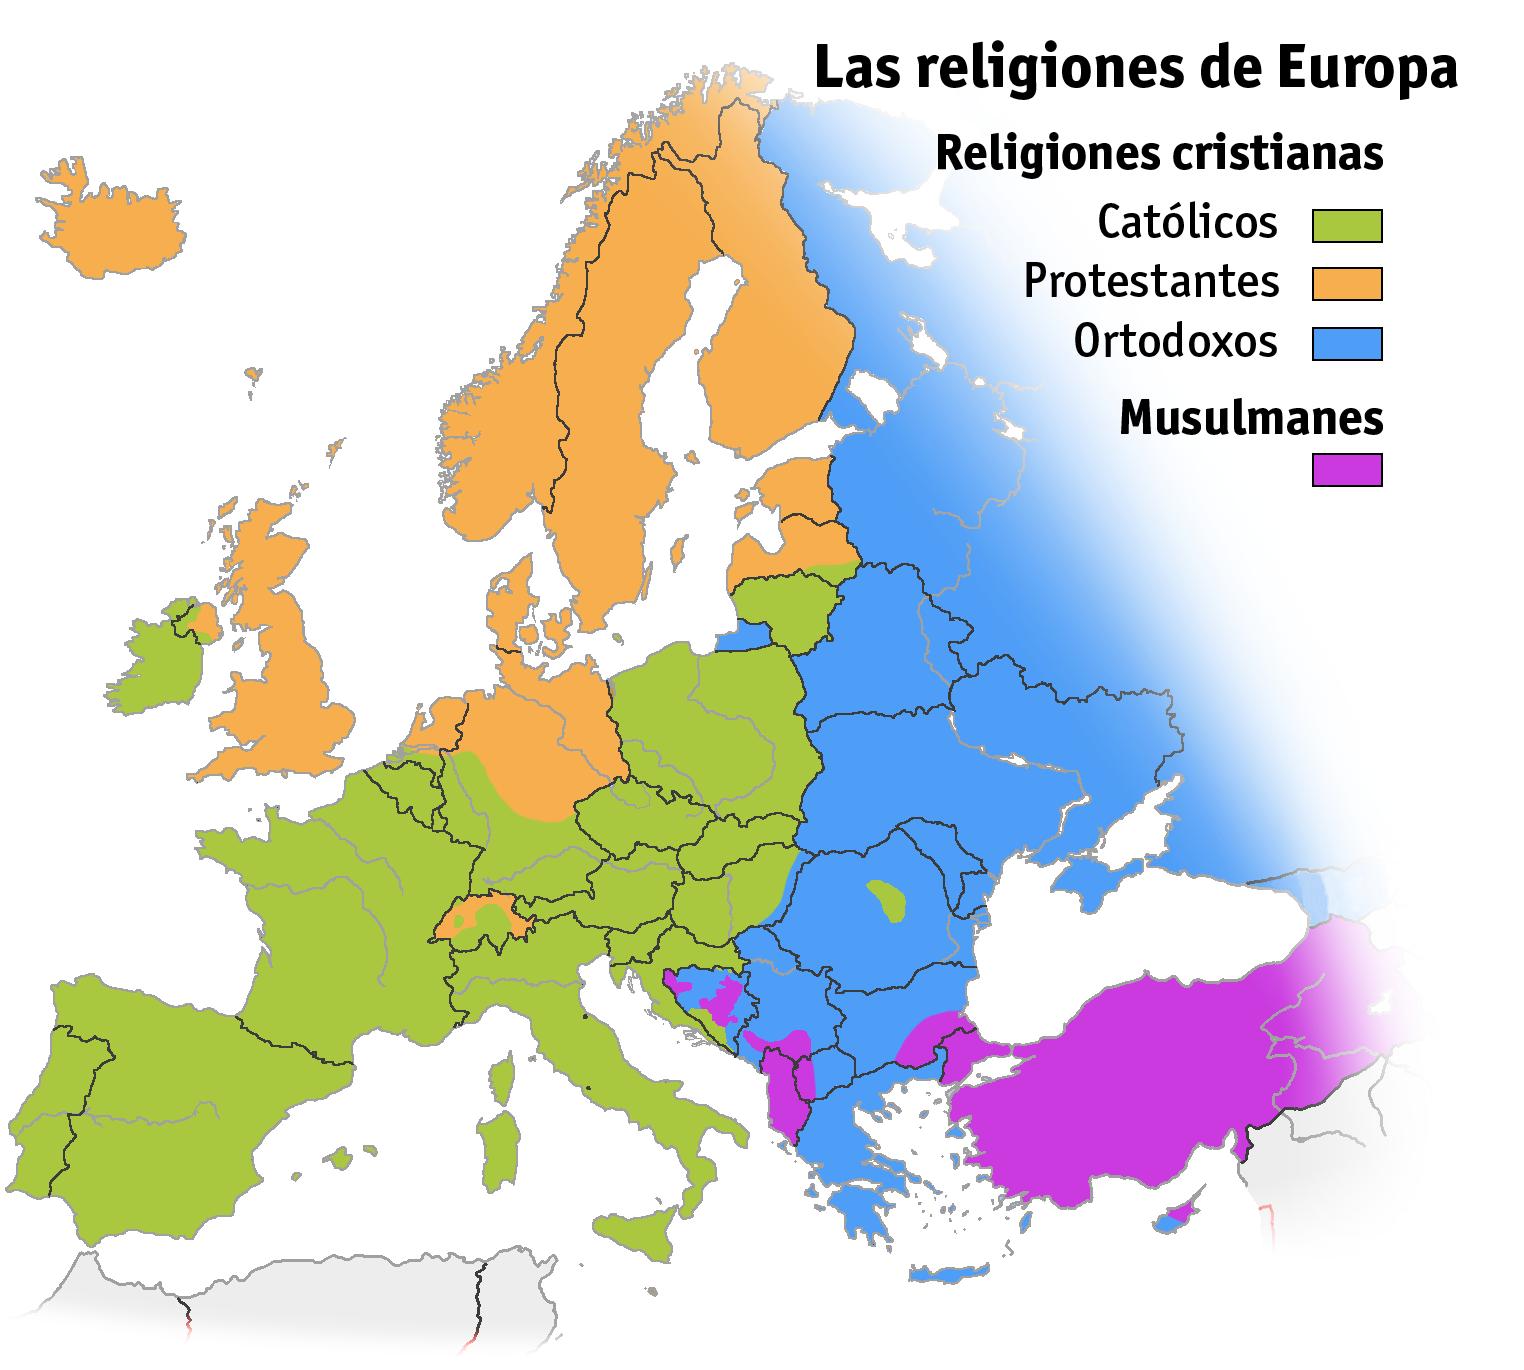 Mapa de las Religionesdel Continente Europeo